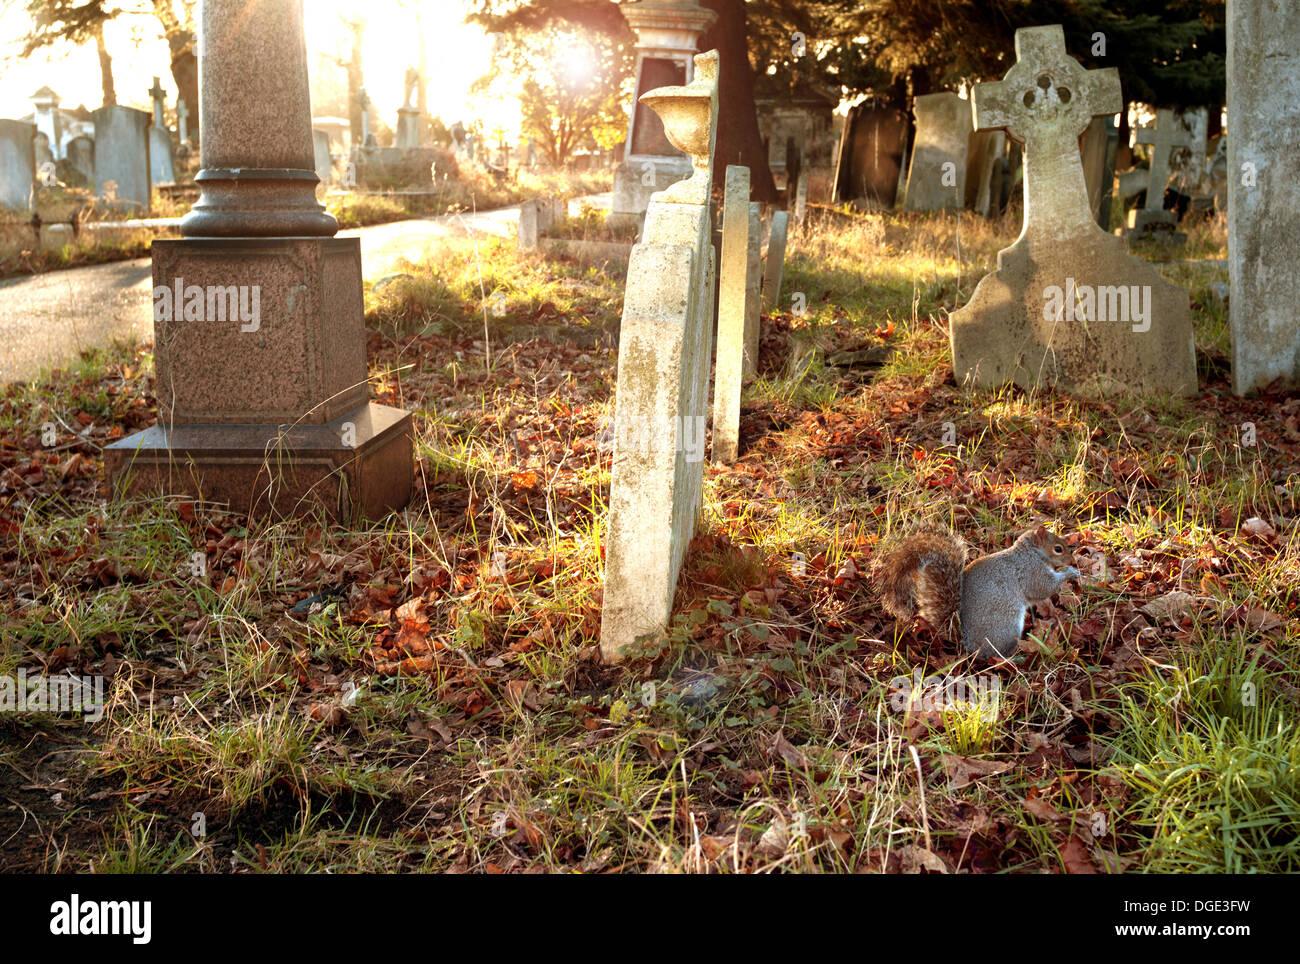 La ardilla en el cementerio de Brompton Road, Londres Foto de stock